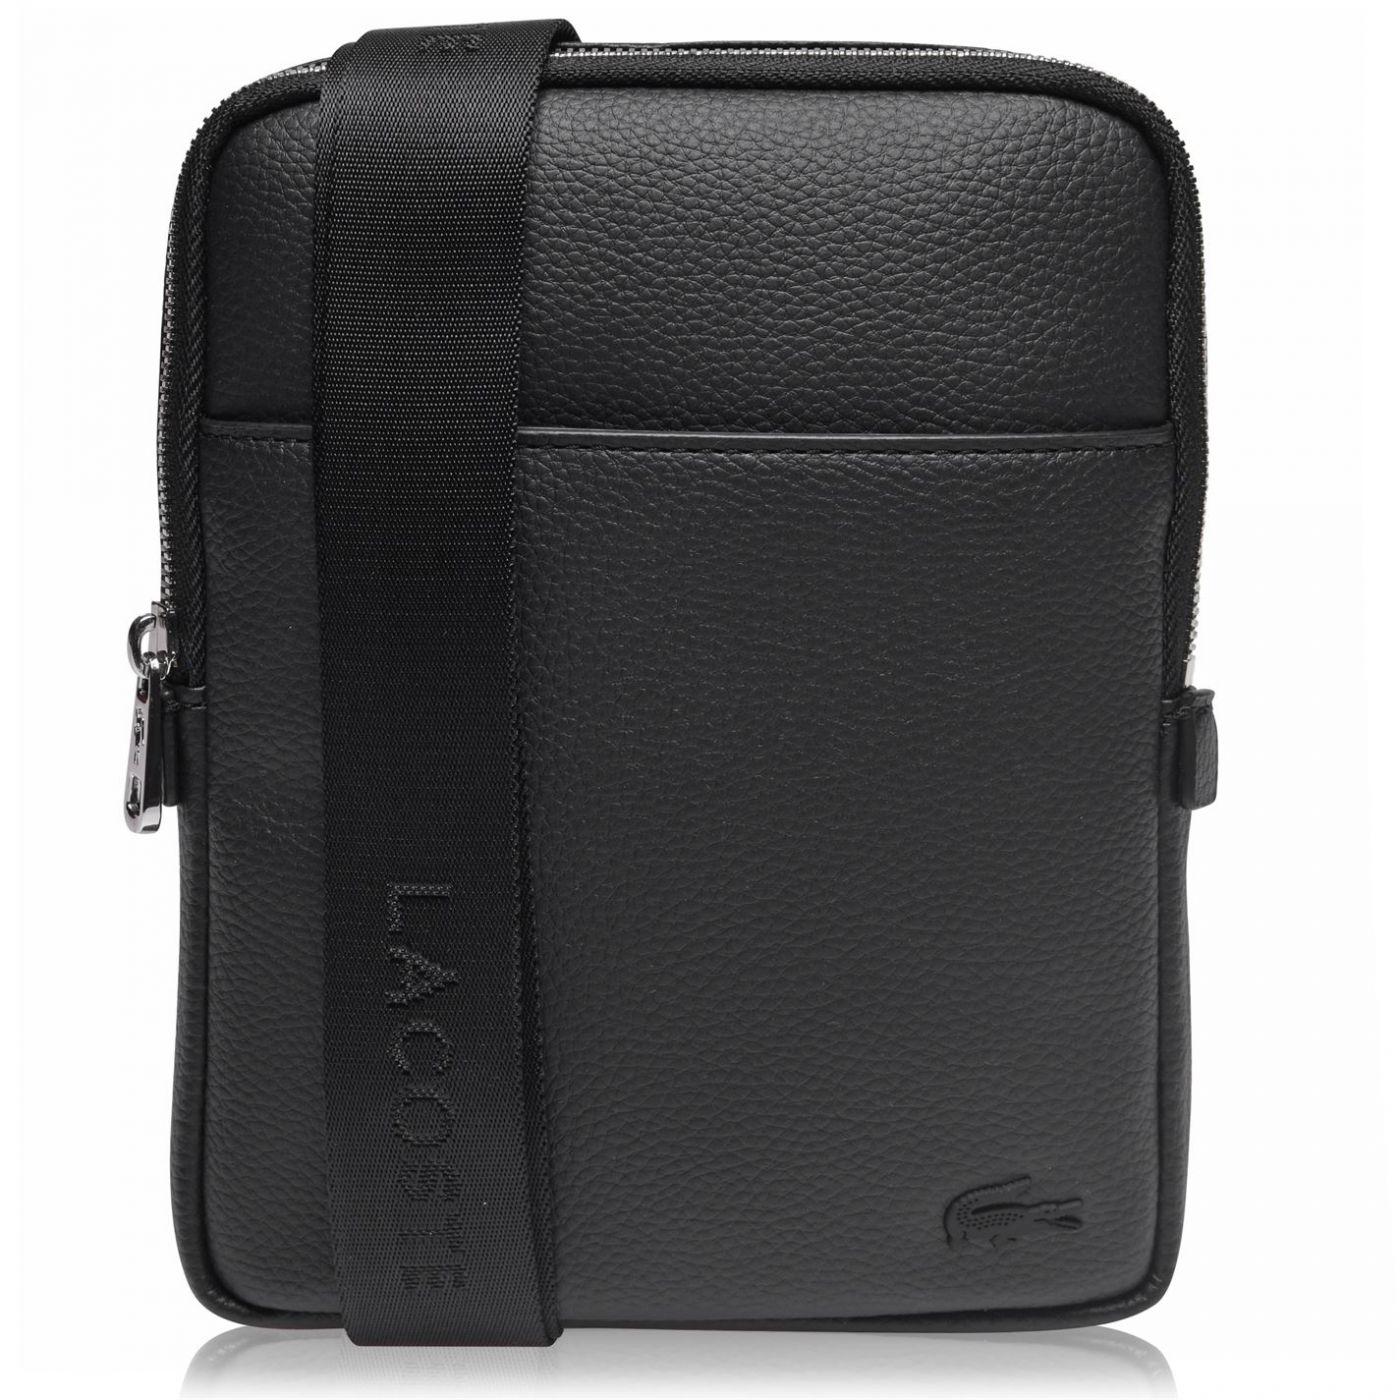 Lacoste Flat Cross Body Bag